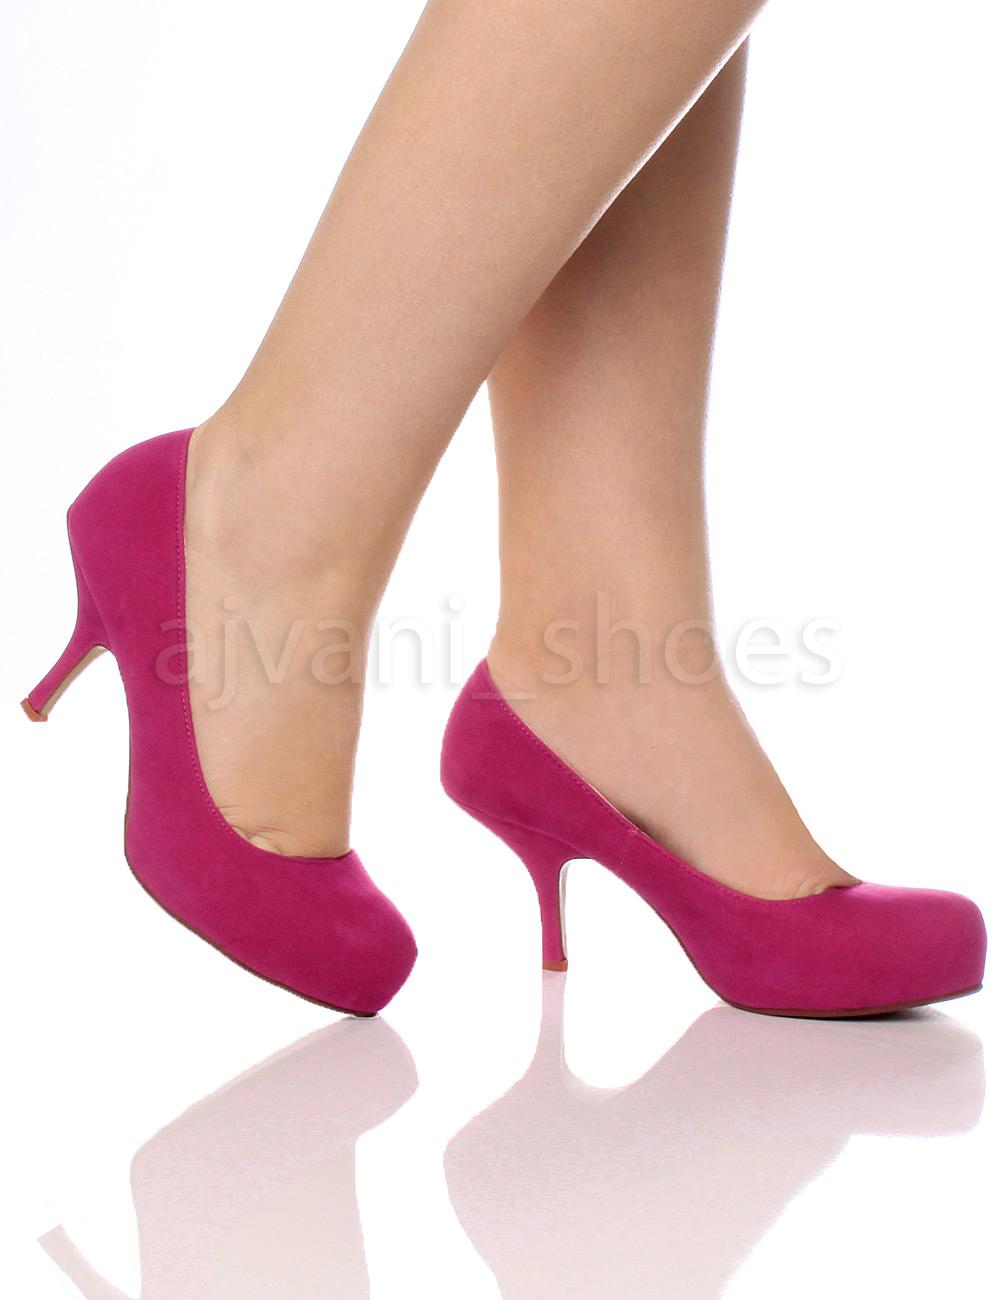 Tacón Plataforma Salón Mujer Zapatos Oculta Medio Ebay Bajo wg7PEAqEx